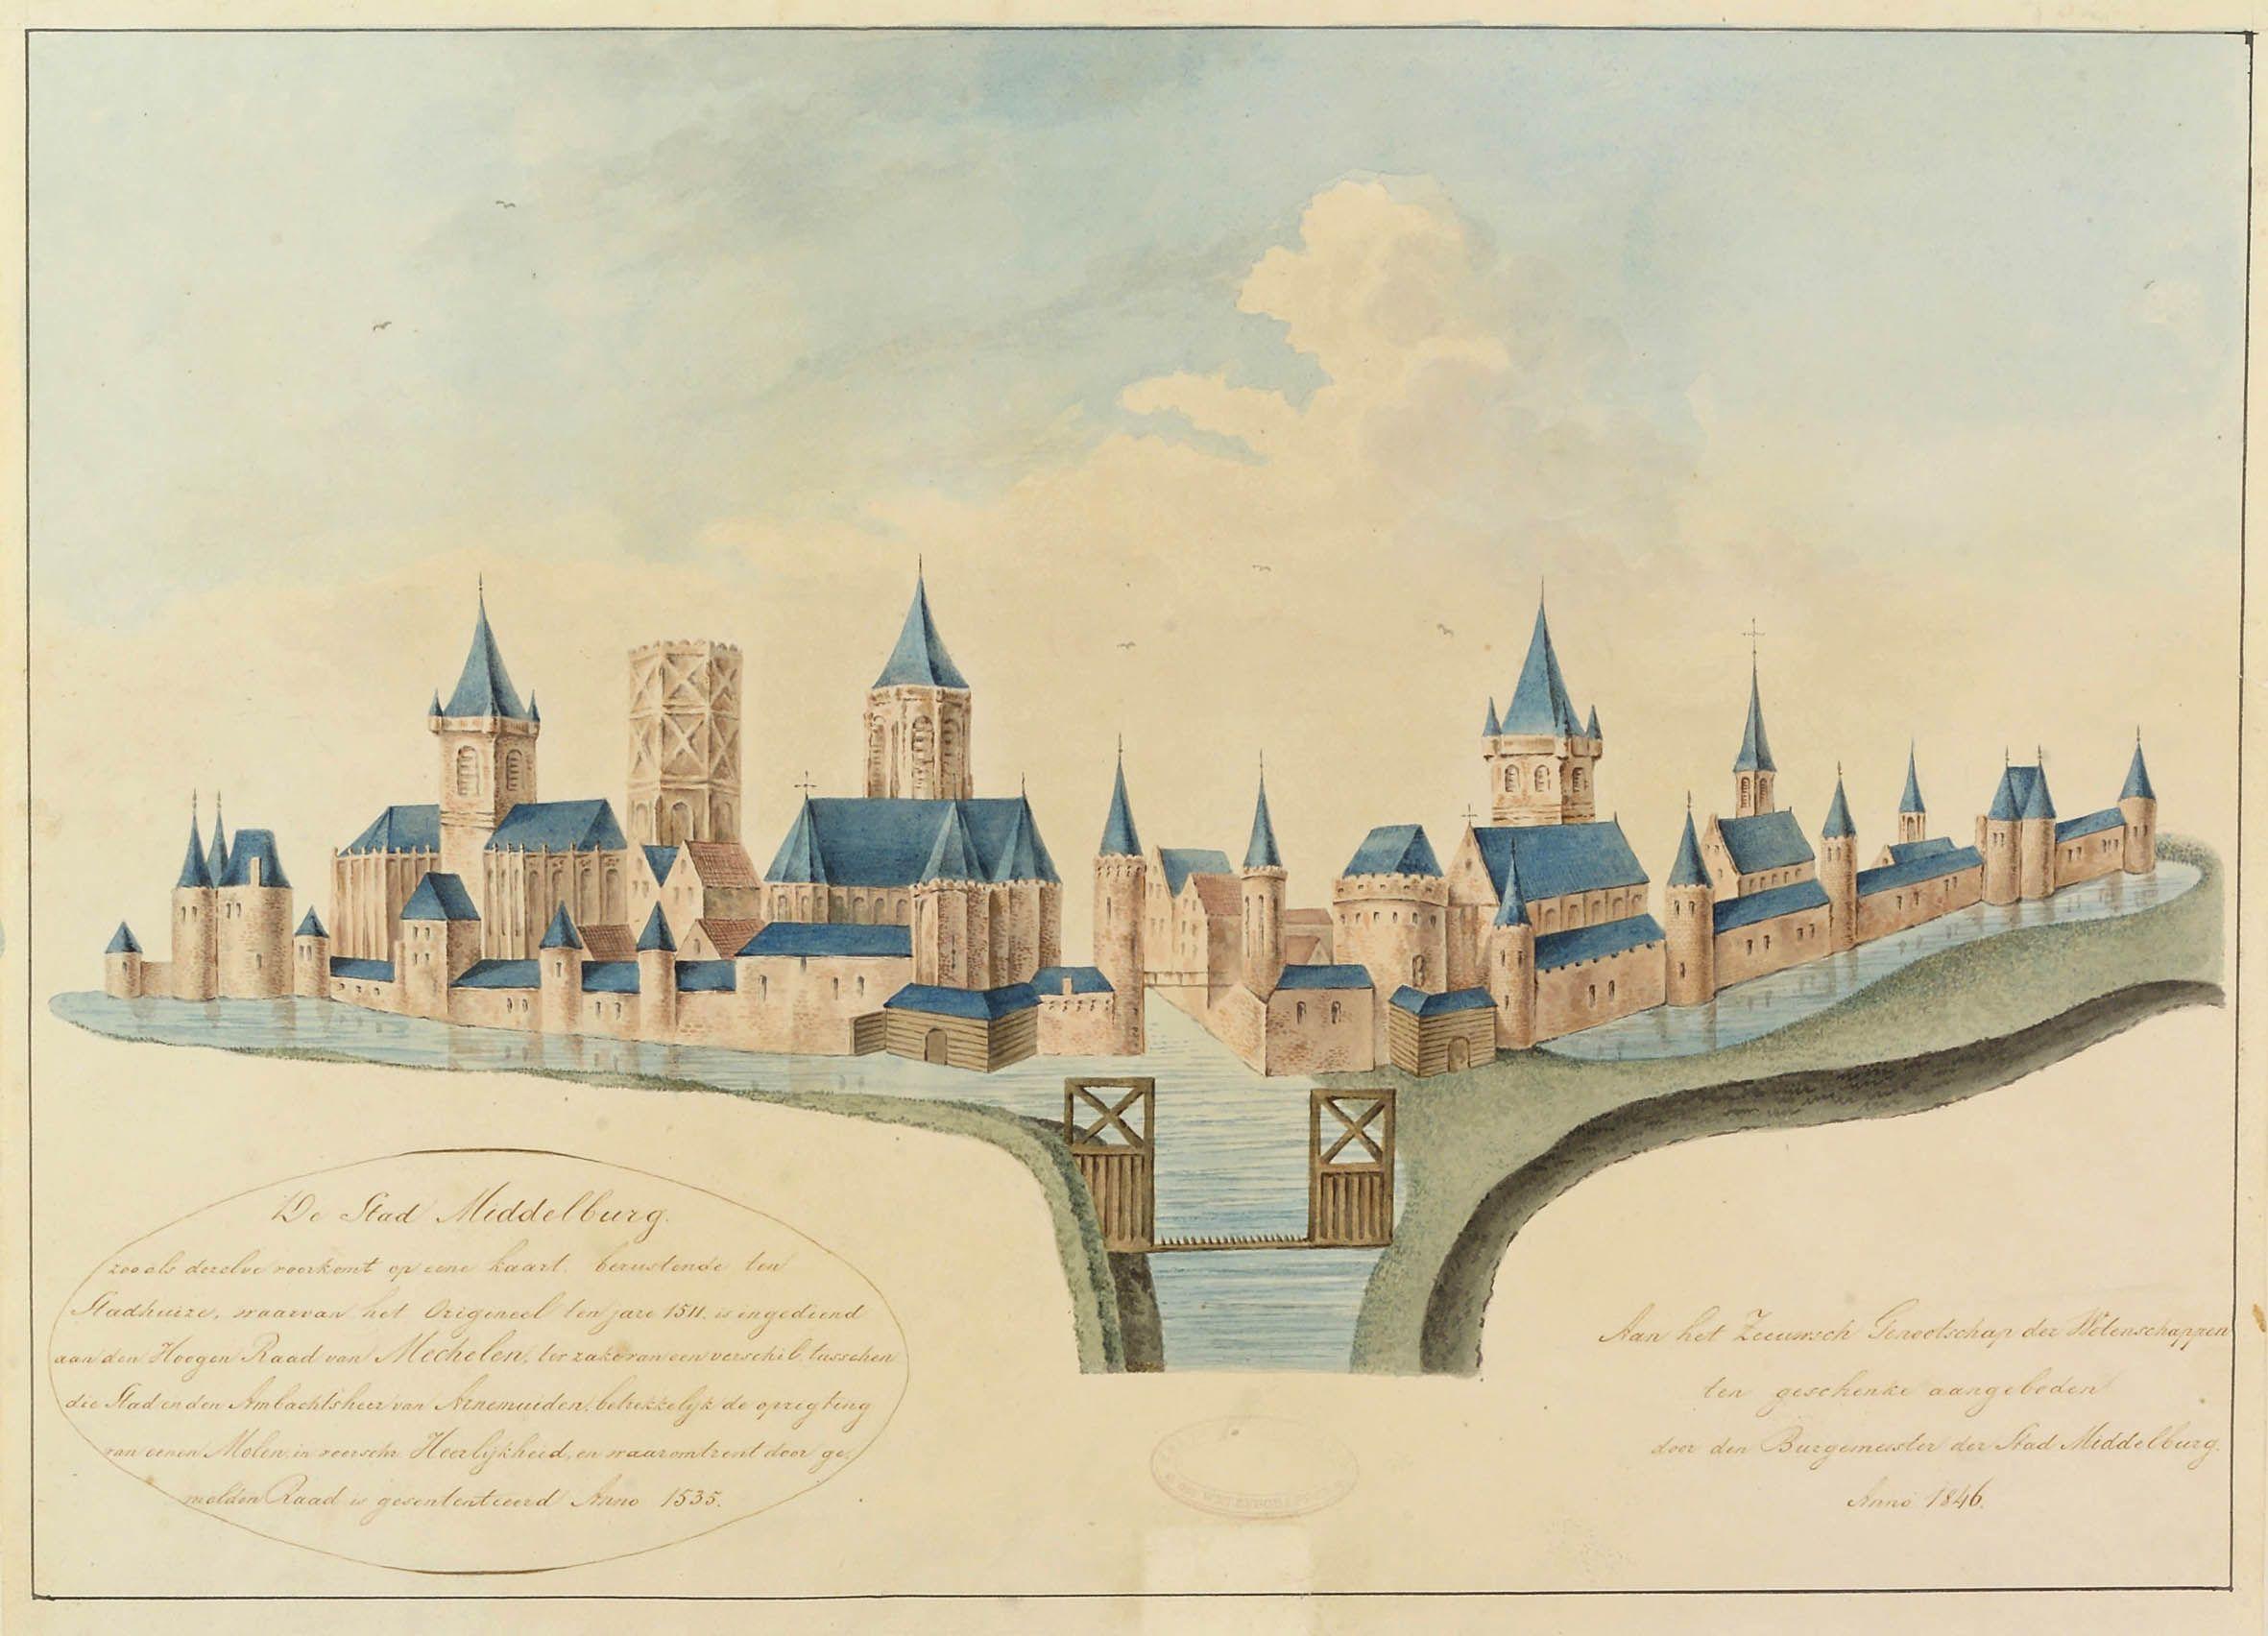 Gezicht op Middelburg uit 1511, met torens van de gestormde kerken Westmonster, Abdijkerk, Noordmonster en de donjon van het Gravensteen. Opschrift Lantsheer-Nagtglas, Zel. Ill. dl 1, p. 192 (Zeeuws Archief/Zeeuws Genootschap).